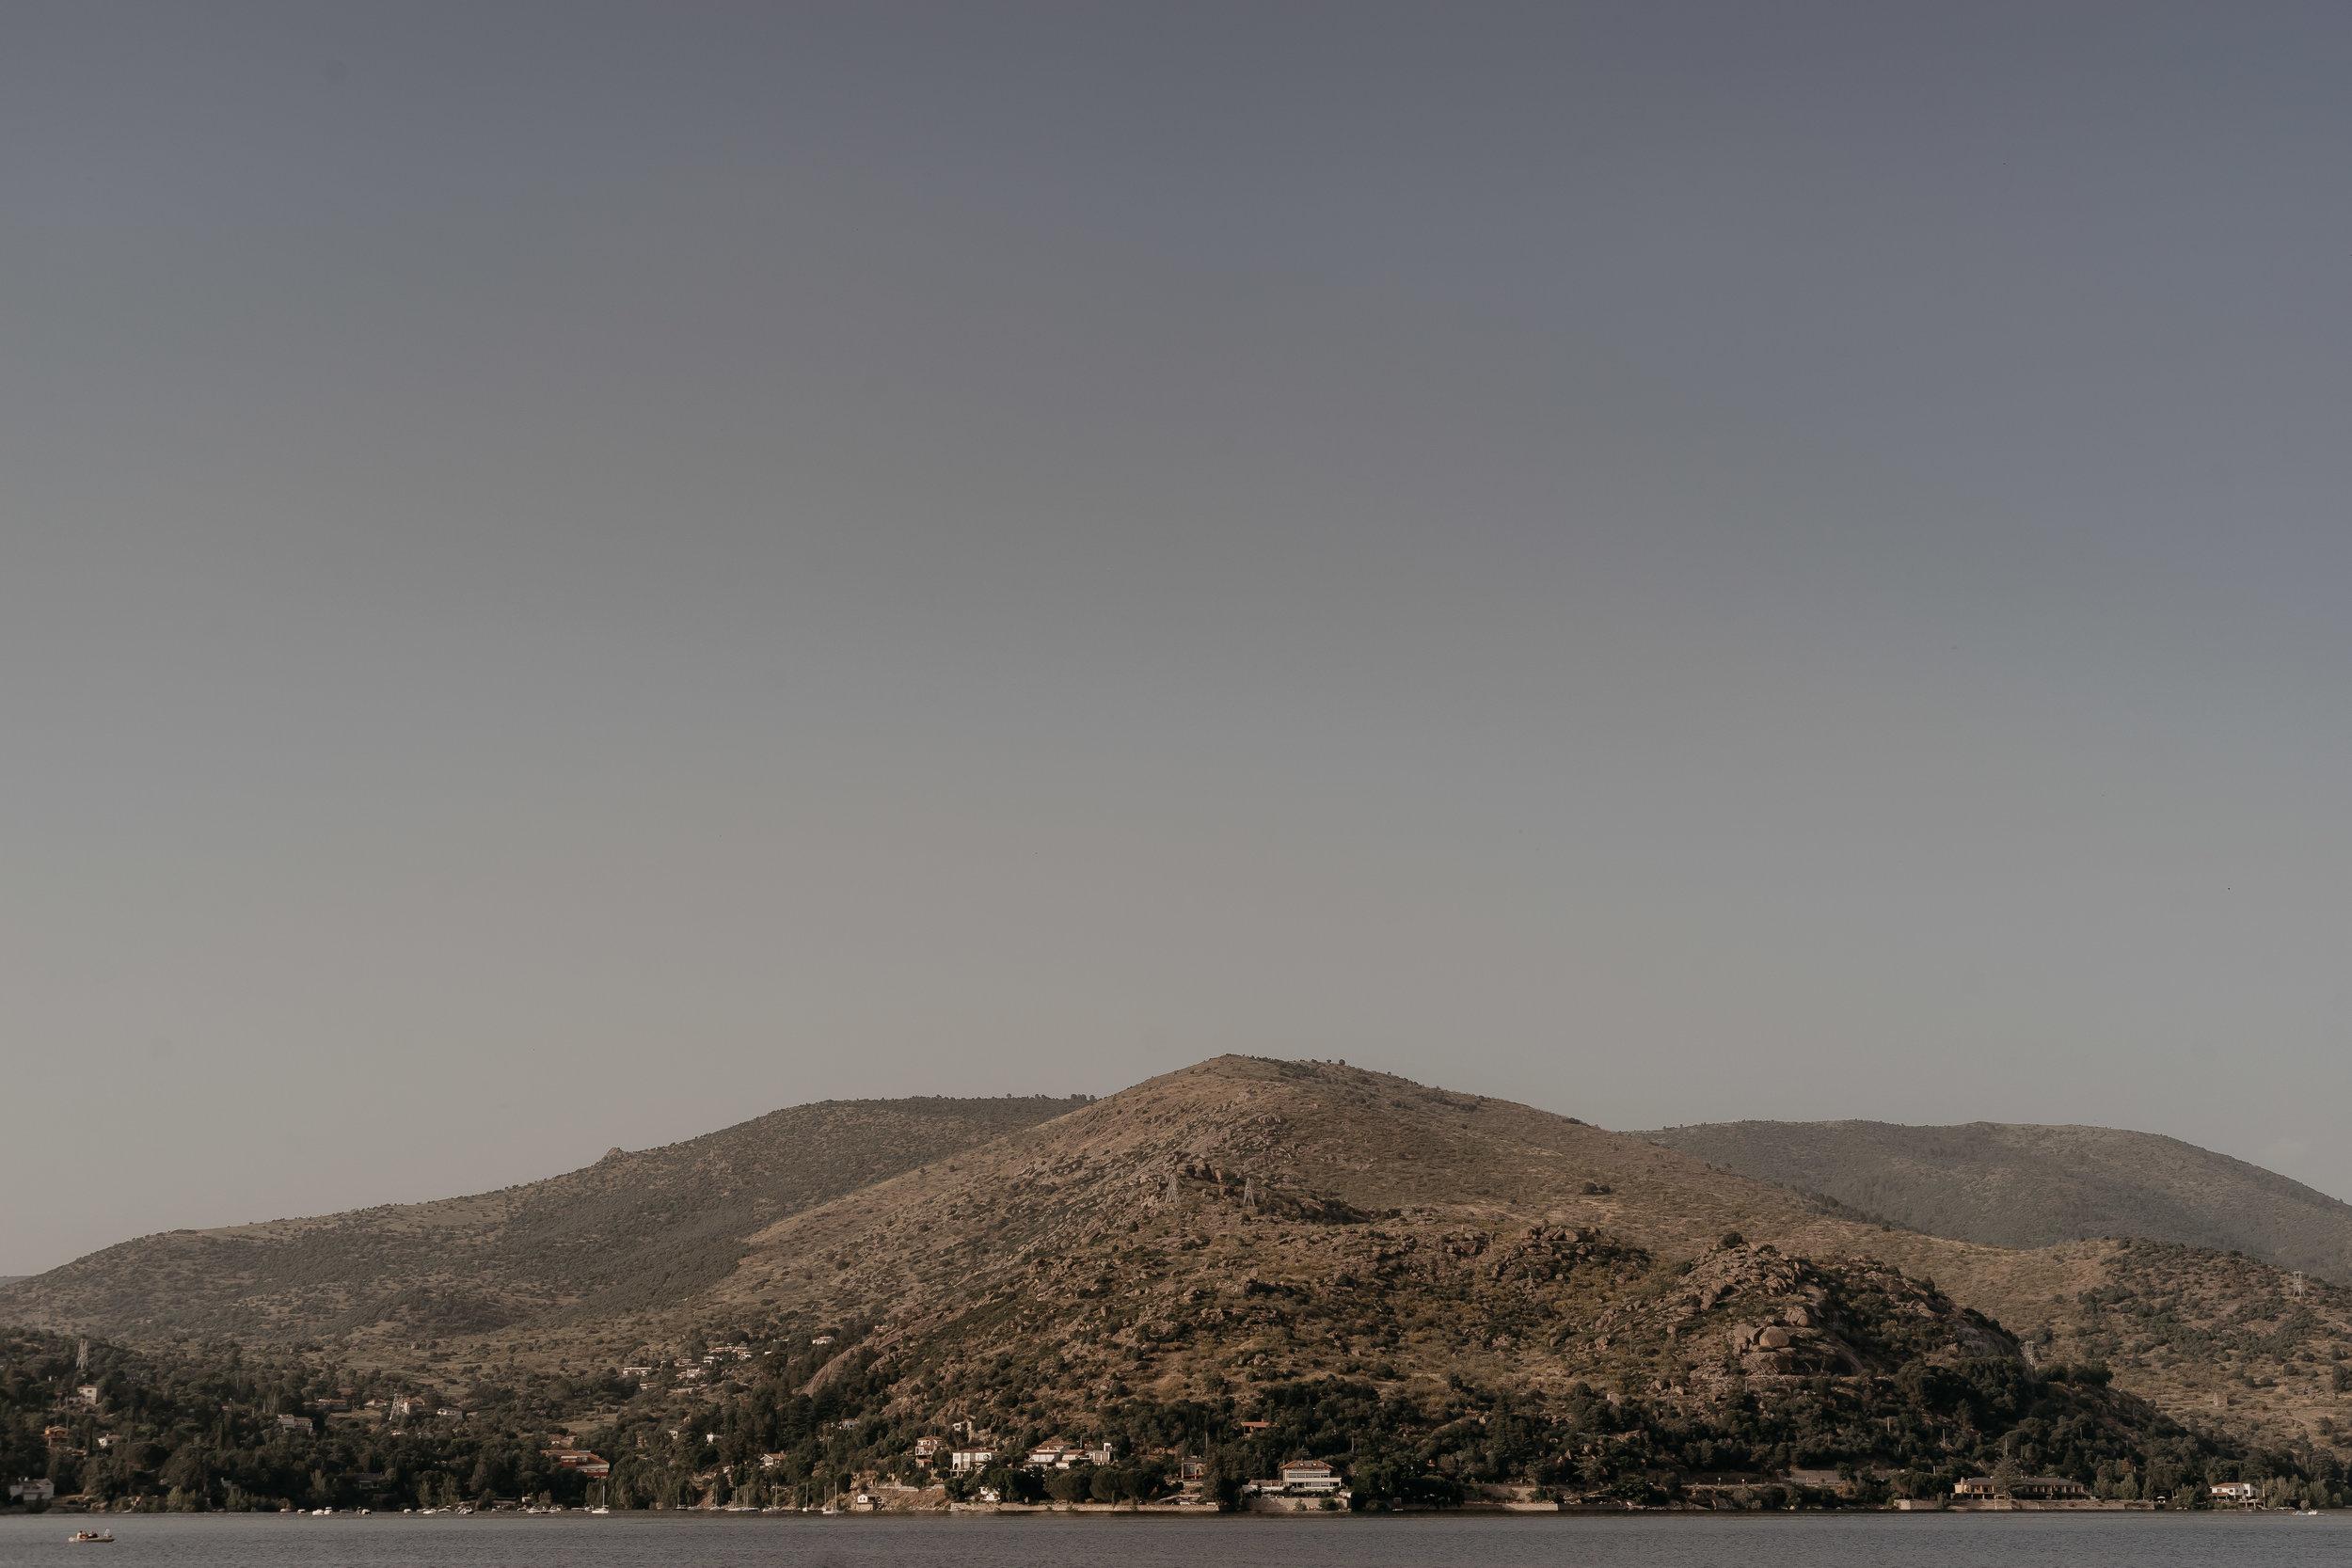 Preboda-pantano-1.jpg